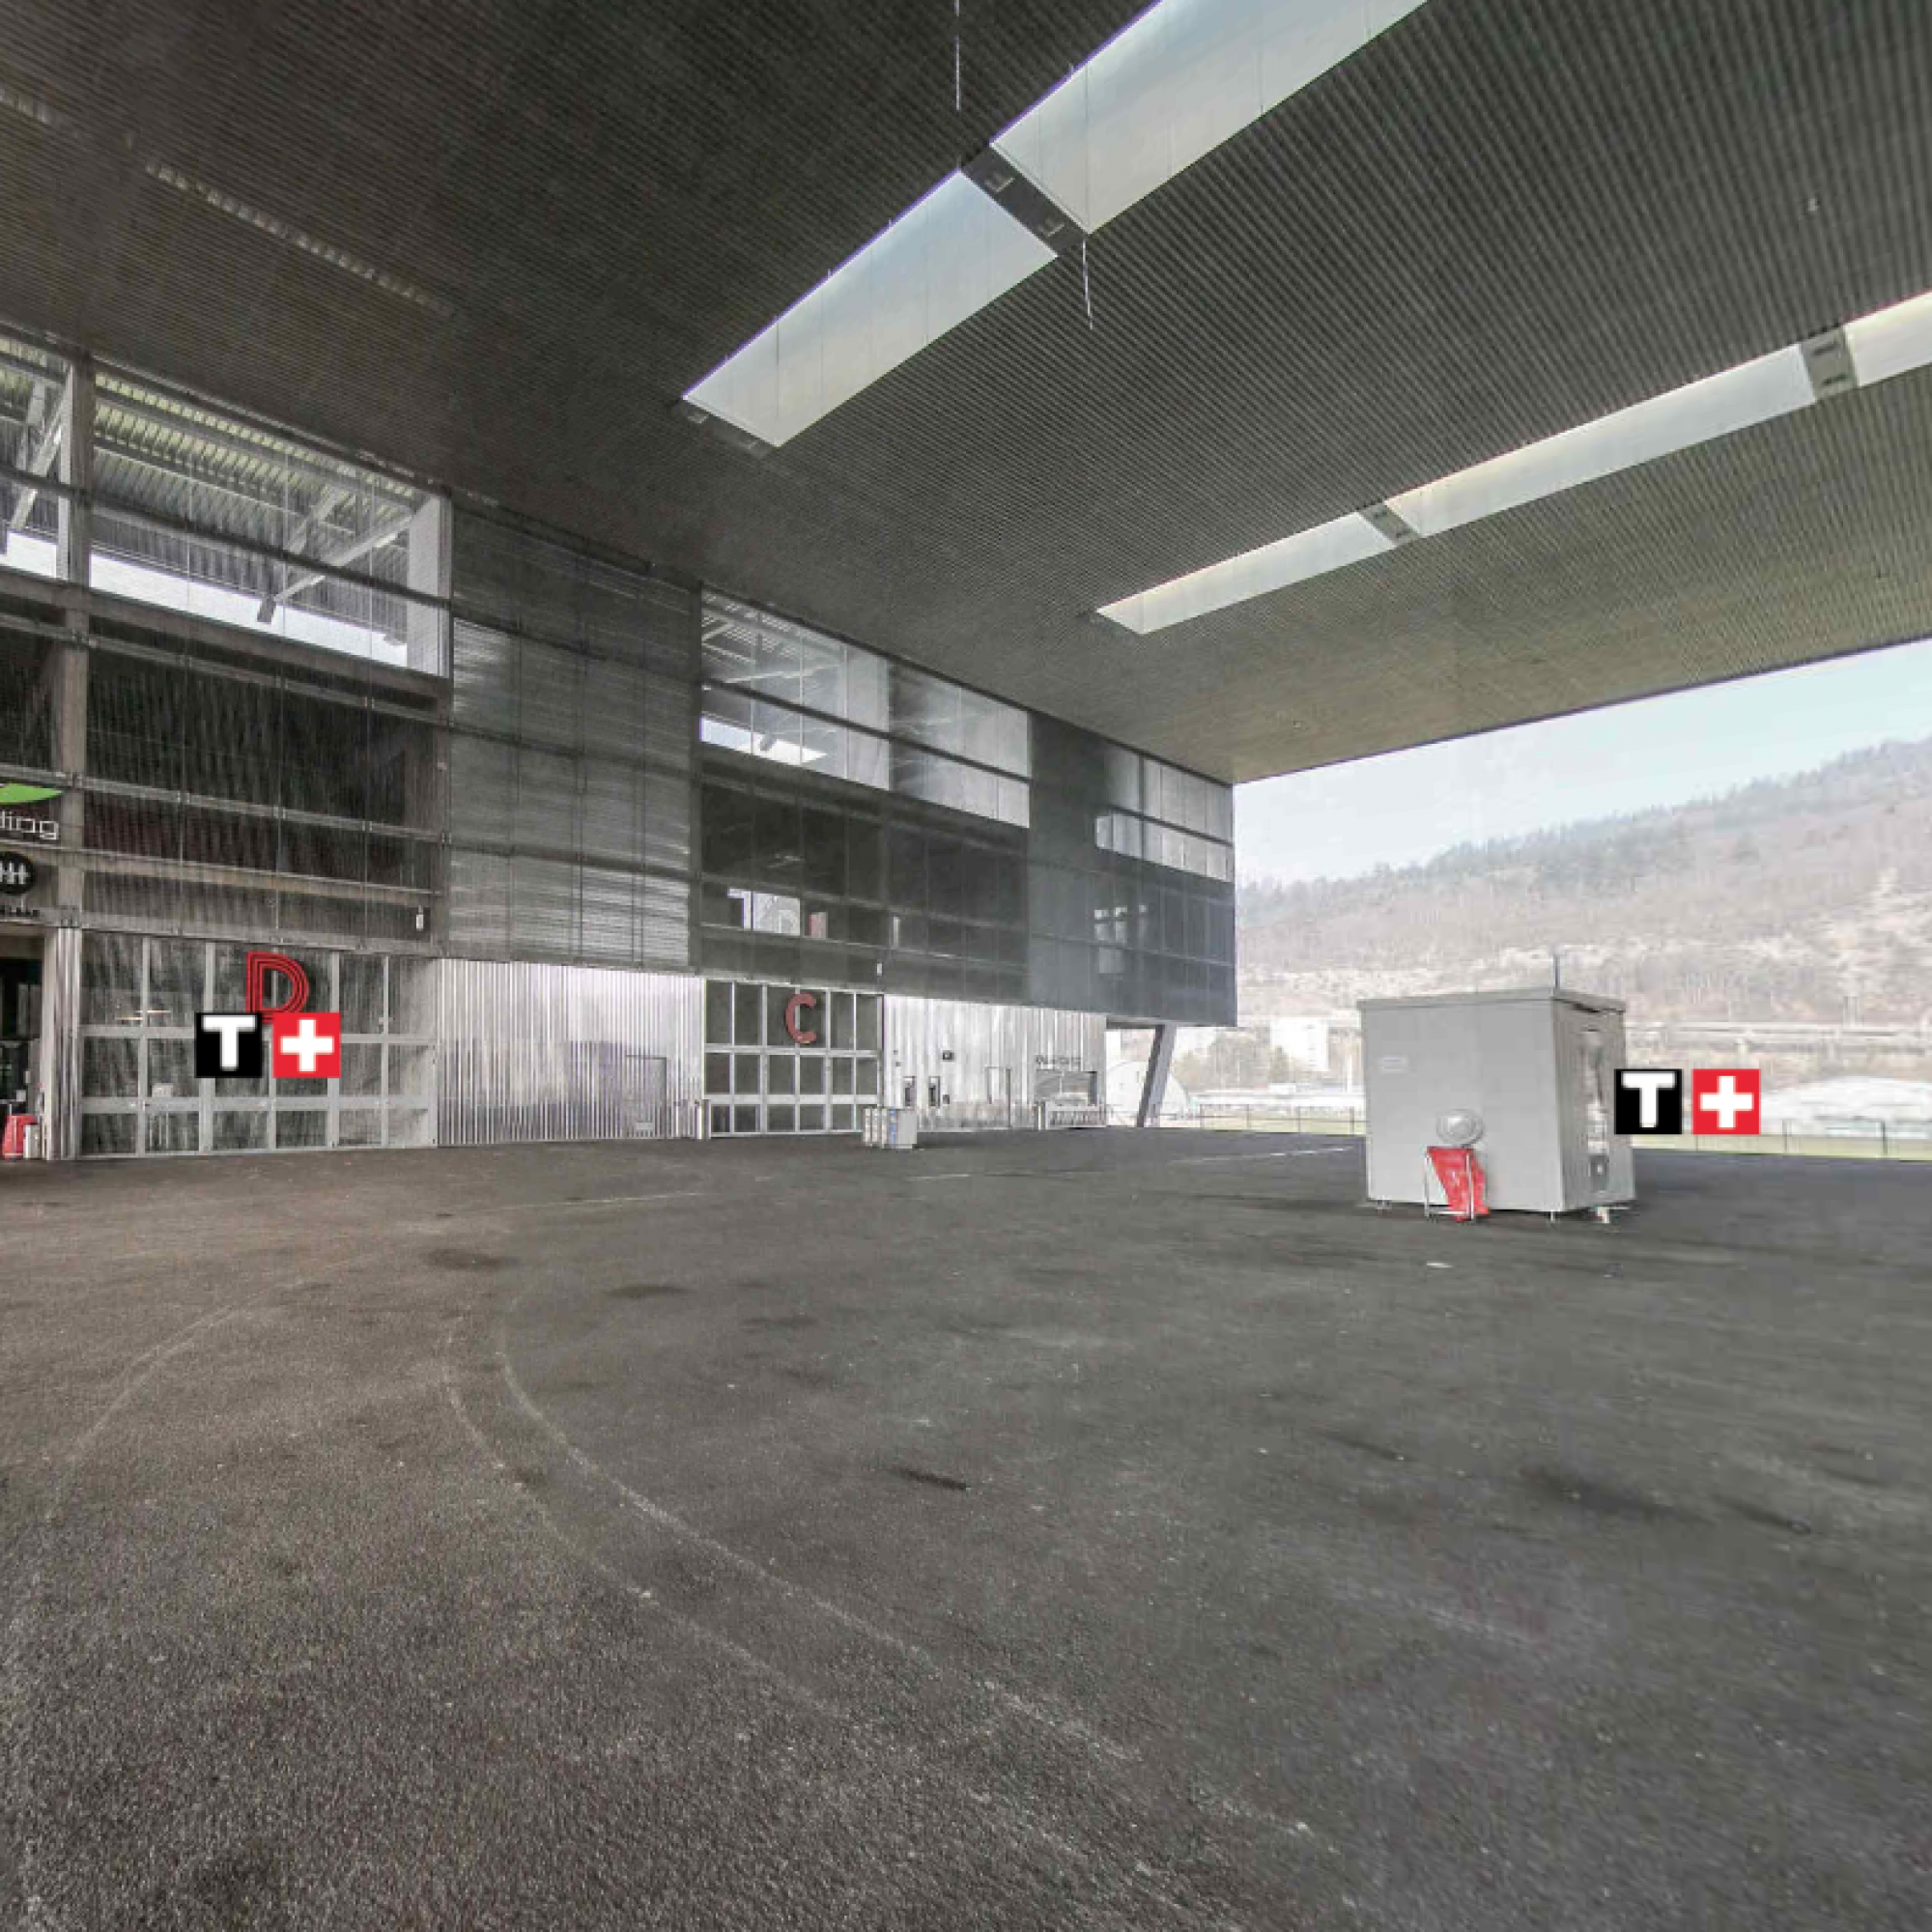 Die «Place Publique»der Tissot-Arena ist nach einer vertieften Kontrolle des Dachs wieder geöffnet worden.